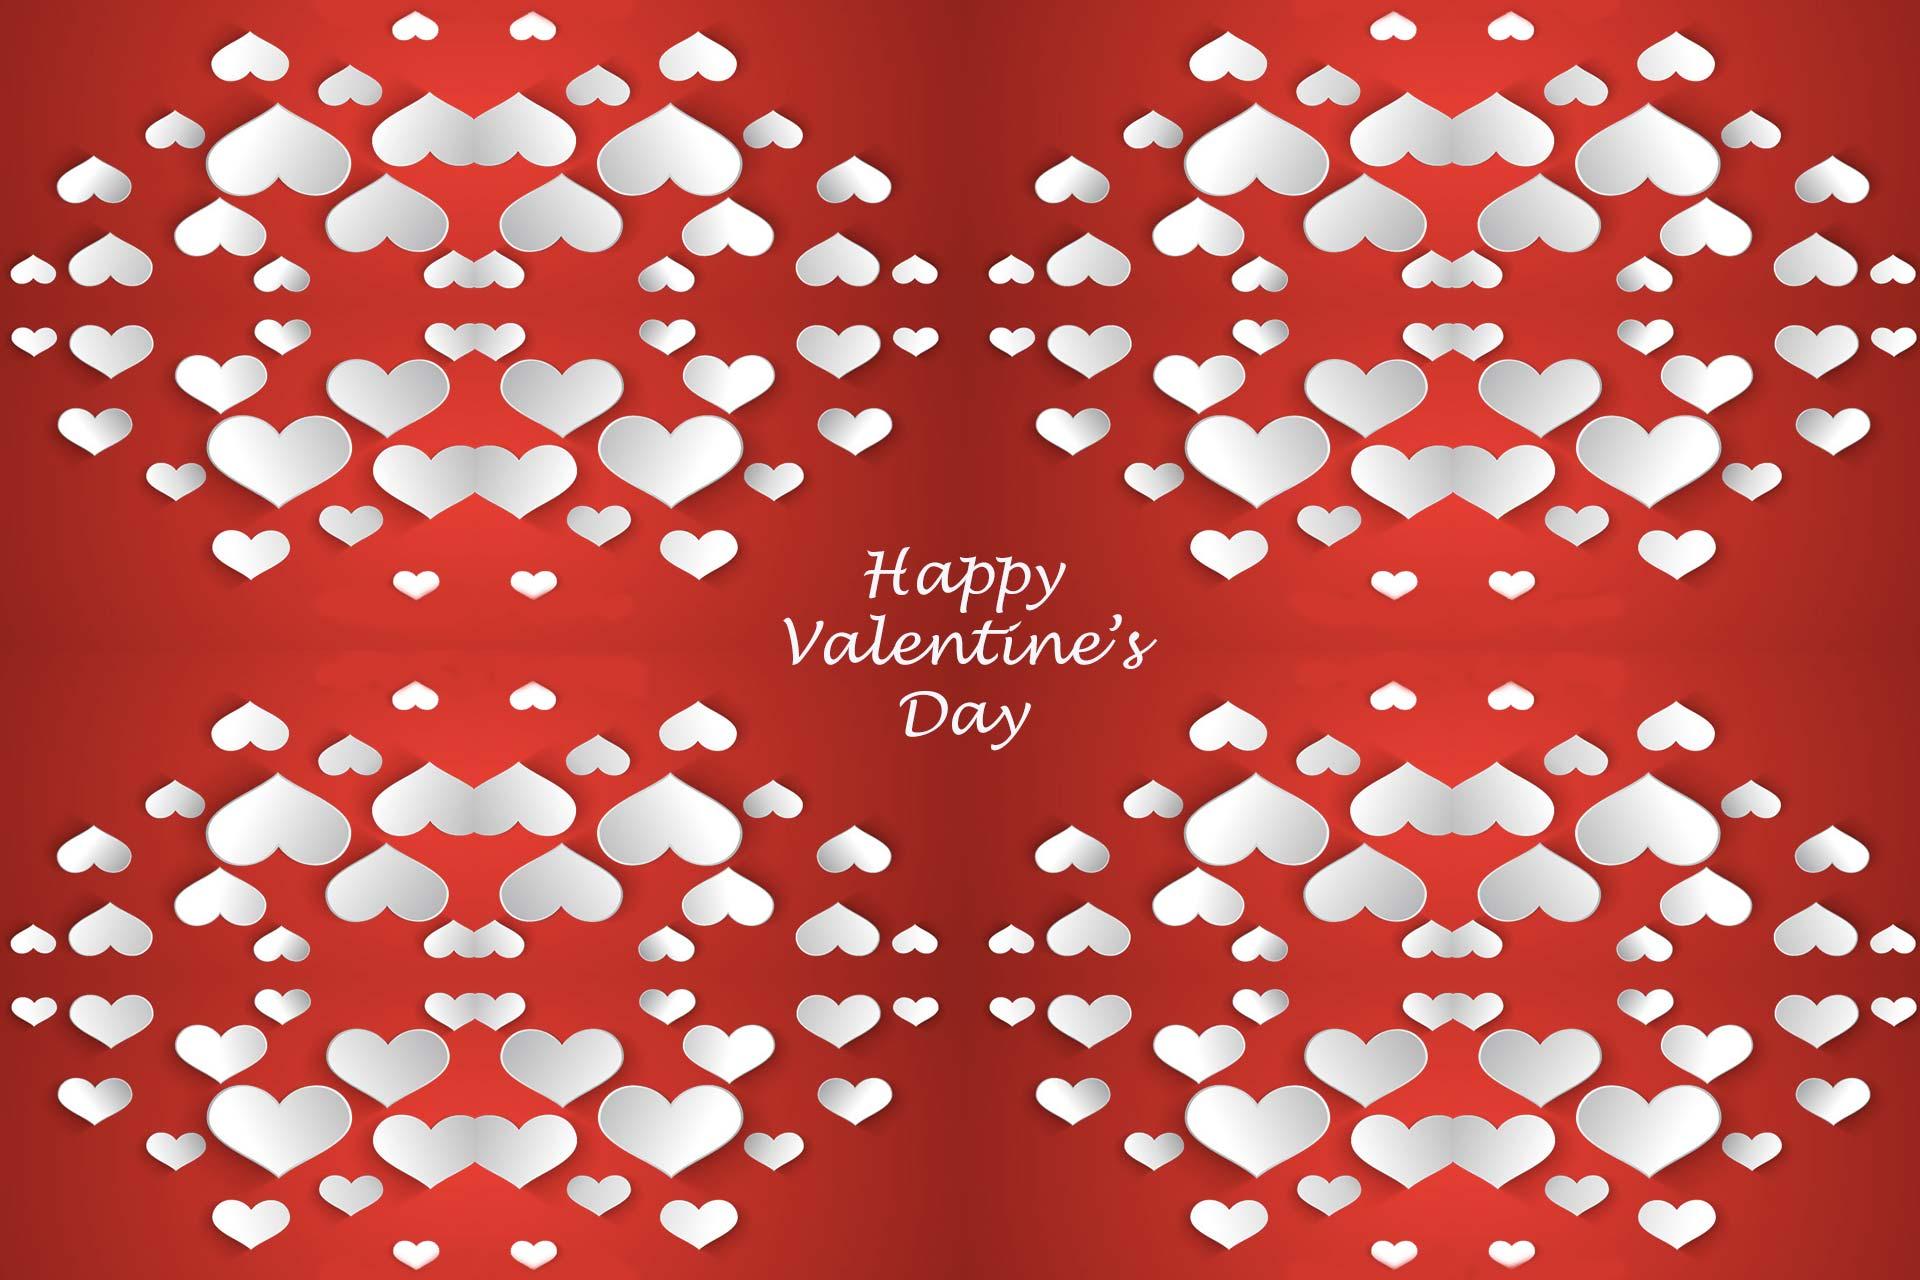 Valentine's Day around the world 3